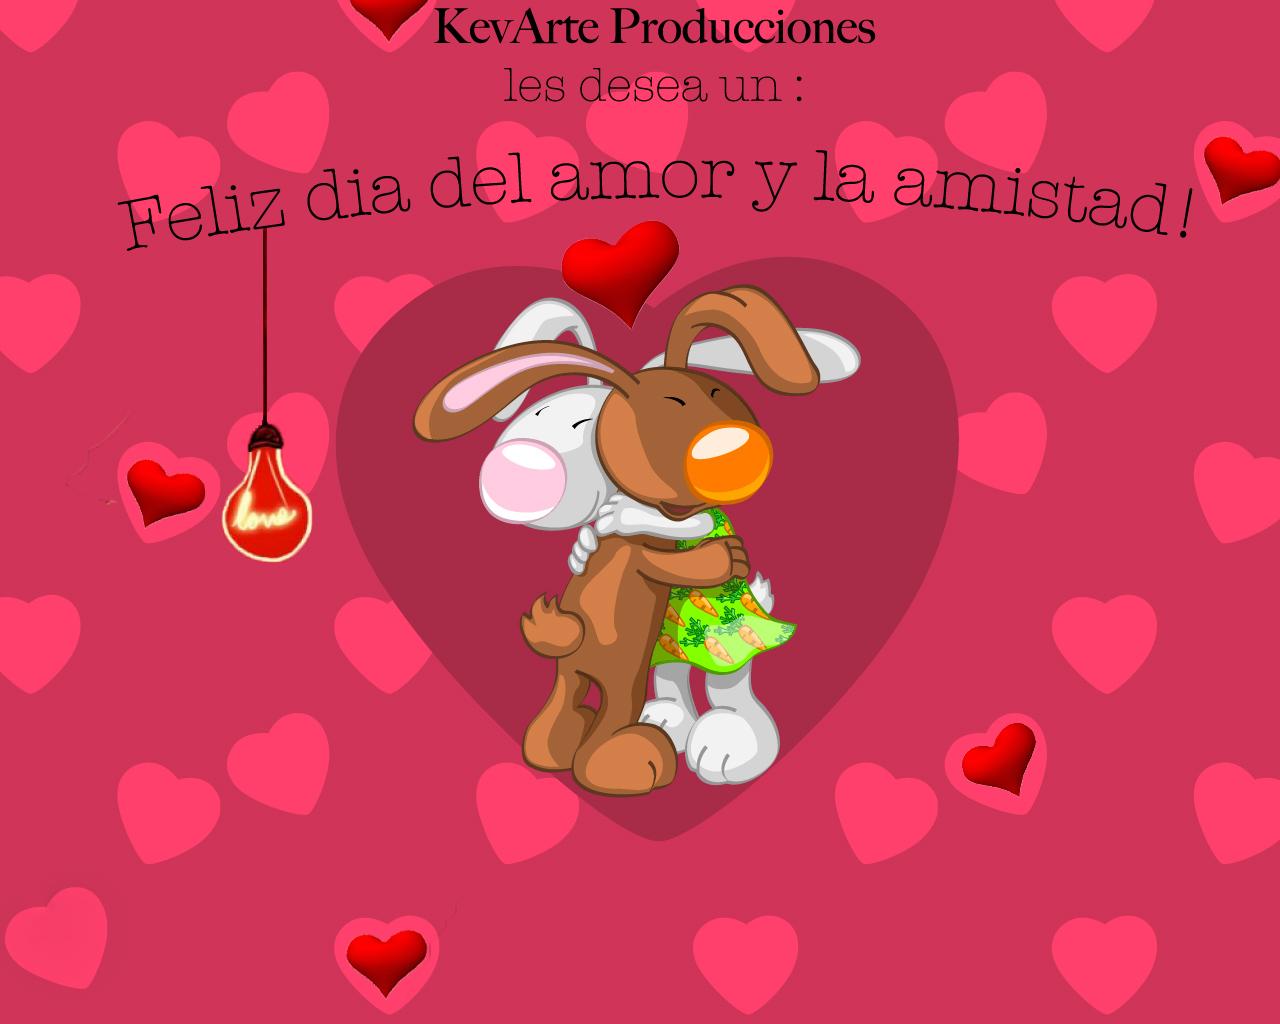 Kevarte Produccion Feliz Dia Del Amor Y La Amistad